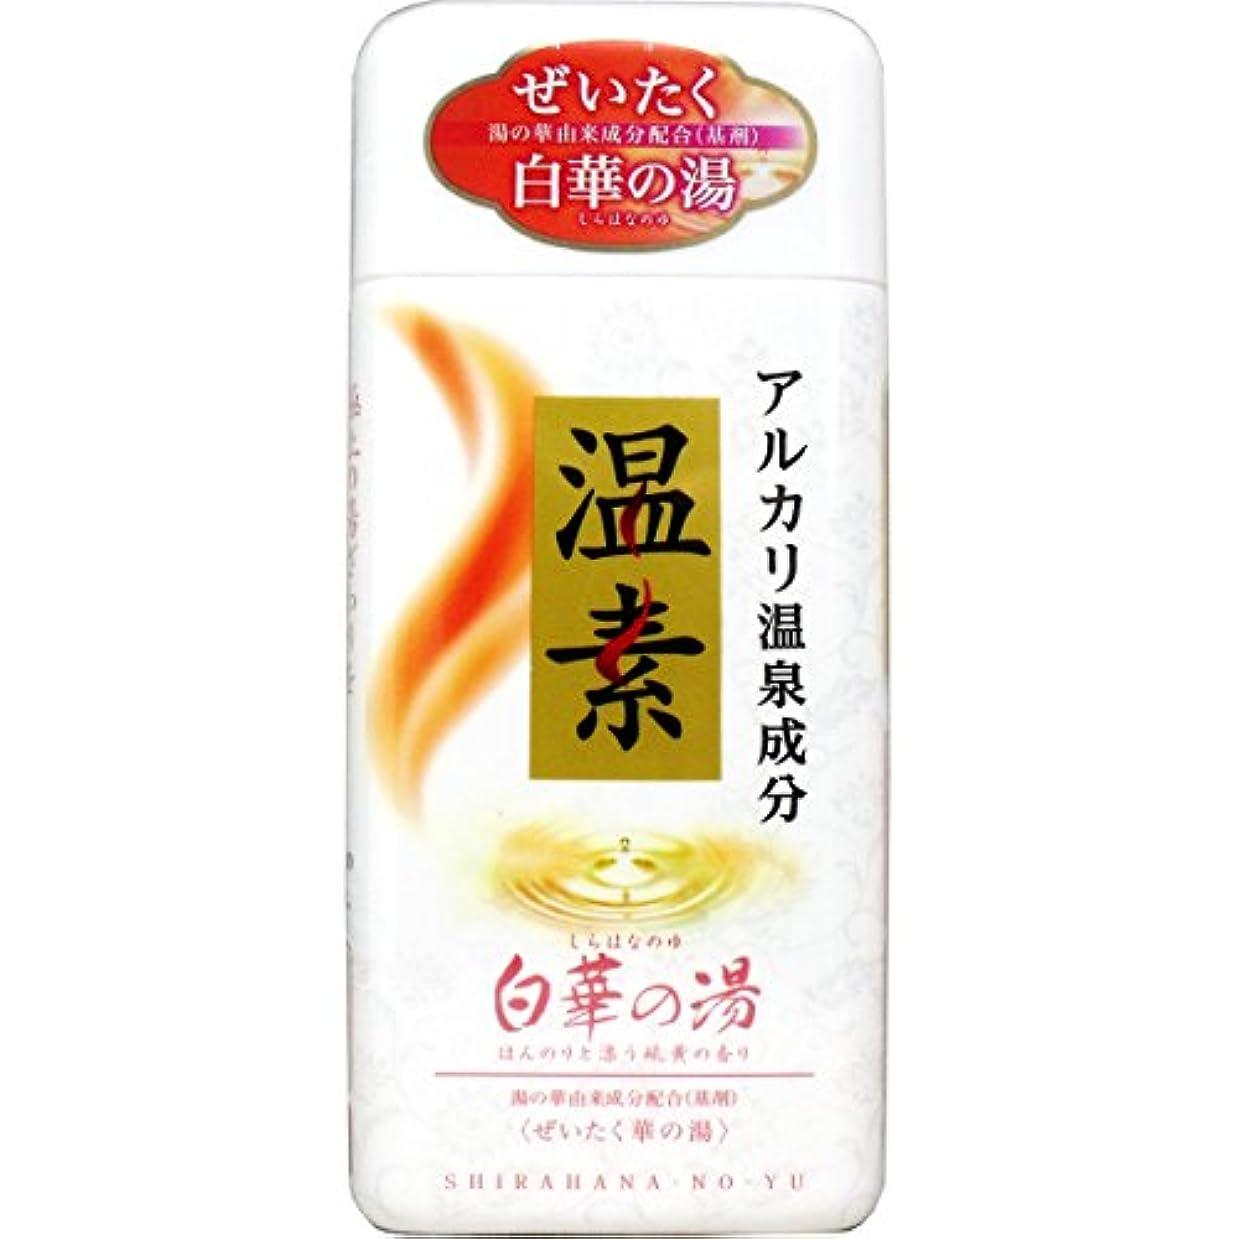 お風呂用品 ぜいたく華の湯 本物志向 アルカリ温泉成分 温素 入浴剤 白華の湯 硫黄の香り 600g入